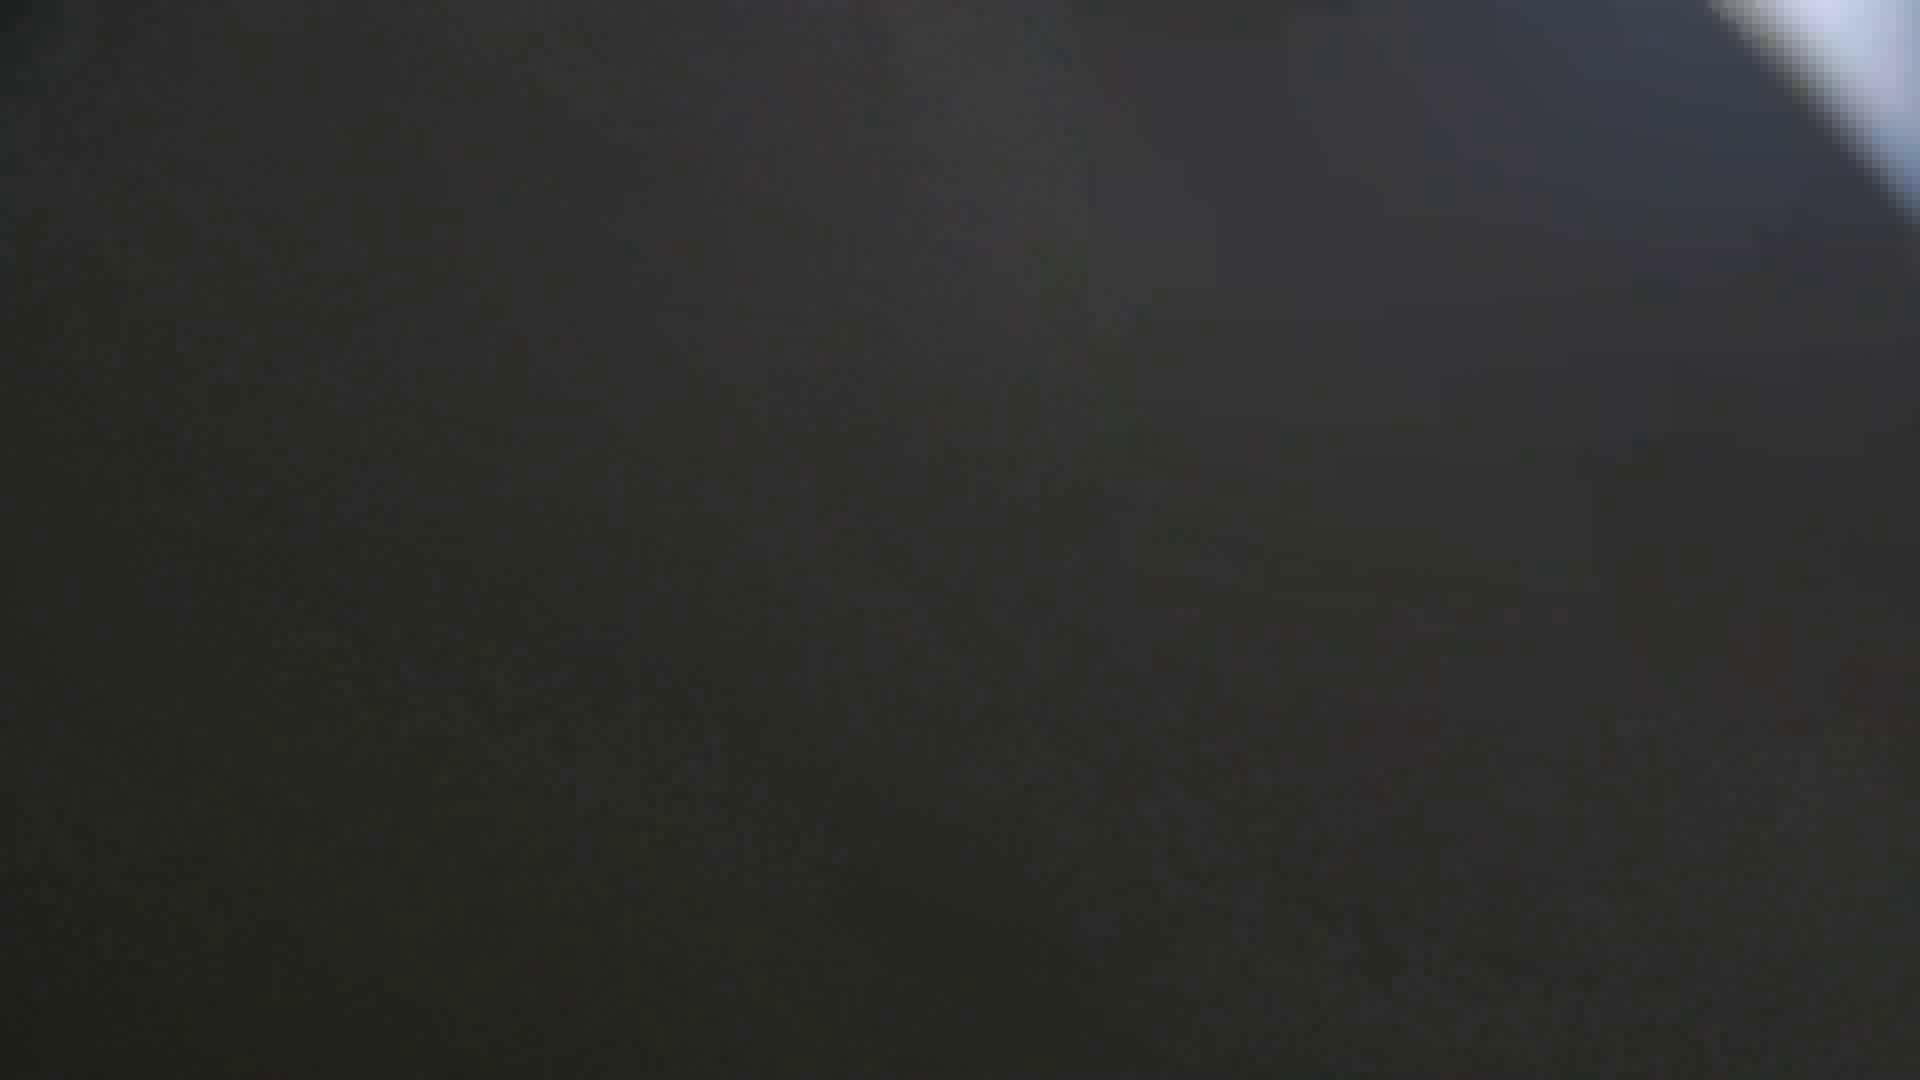 【美しき個室な世界】 vol.018 ピンクのおネエタン 洗面所のぞき  81枚 10